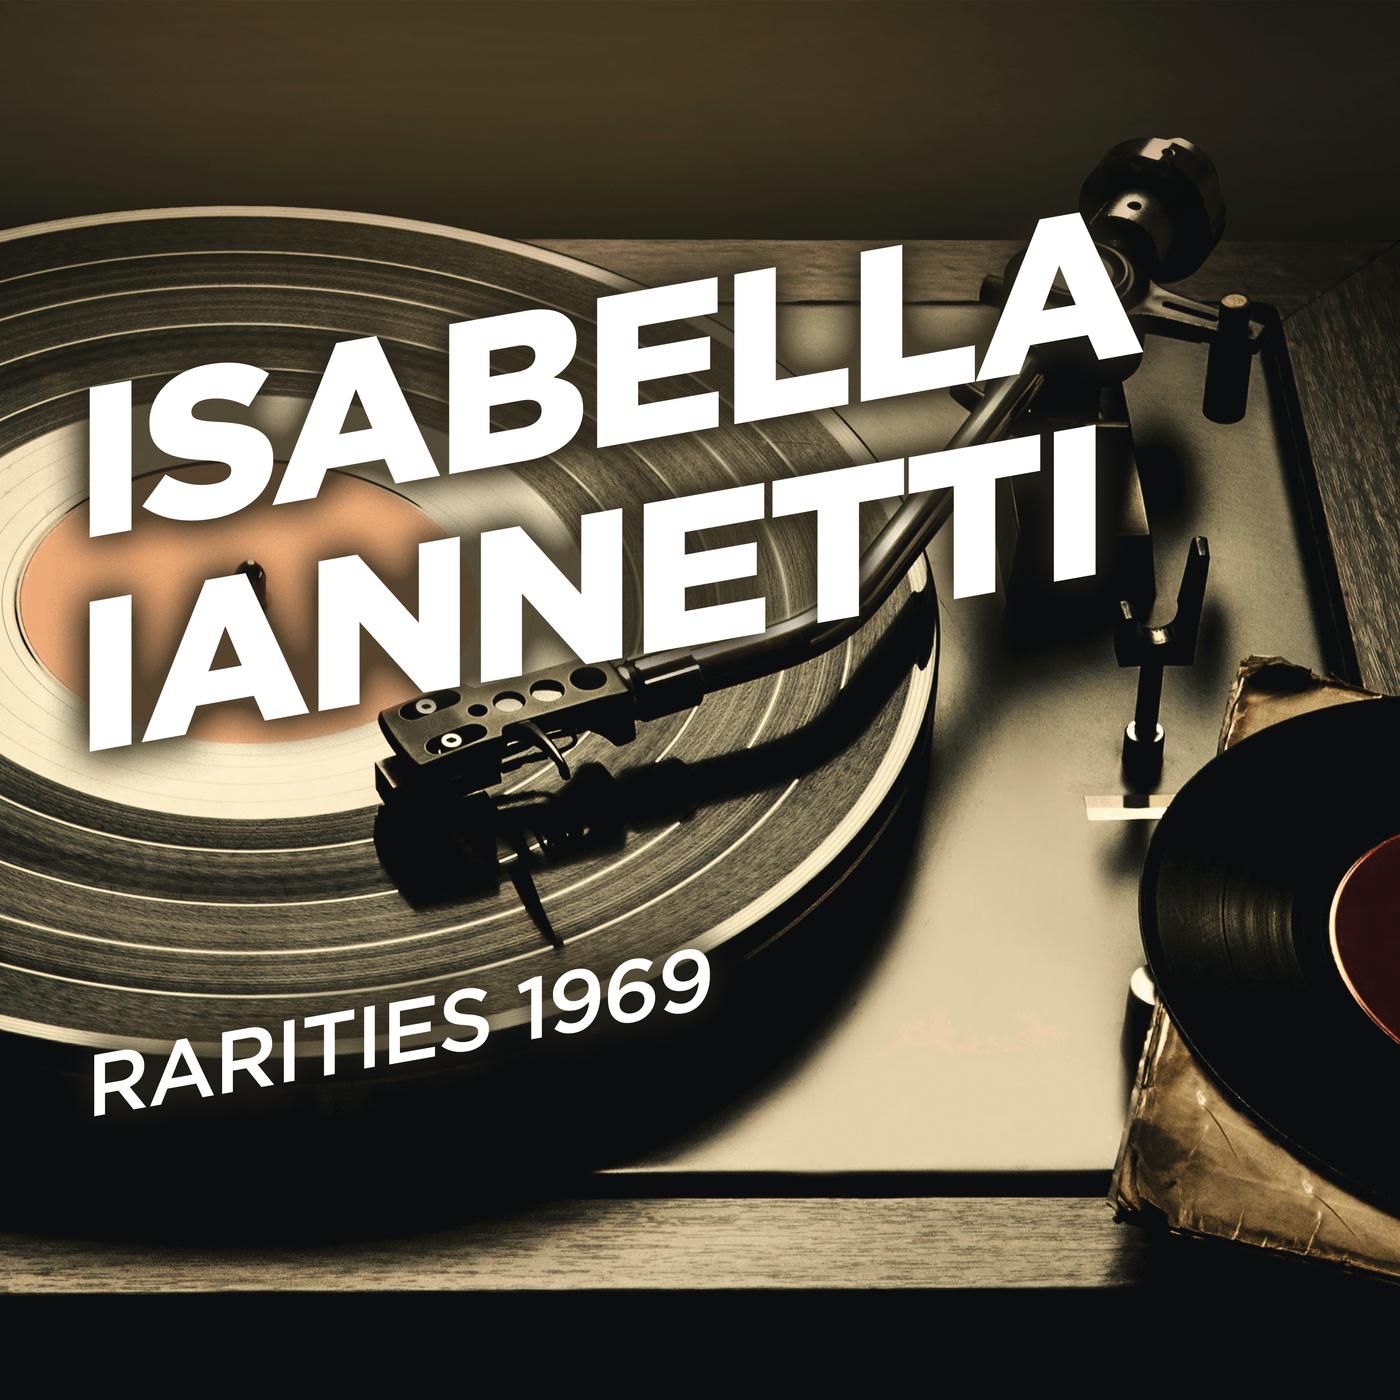 Rarities 1969 - Isabella Iannetti